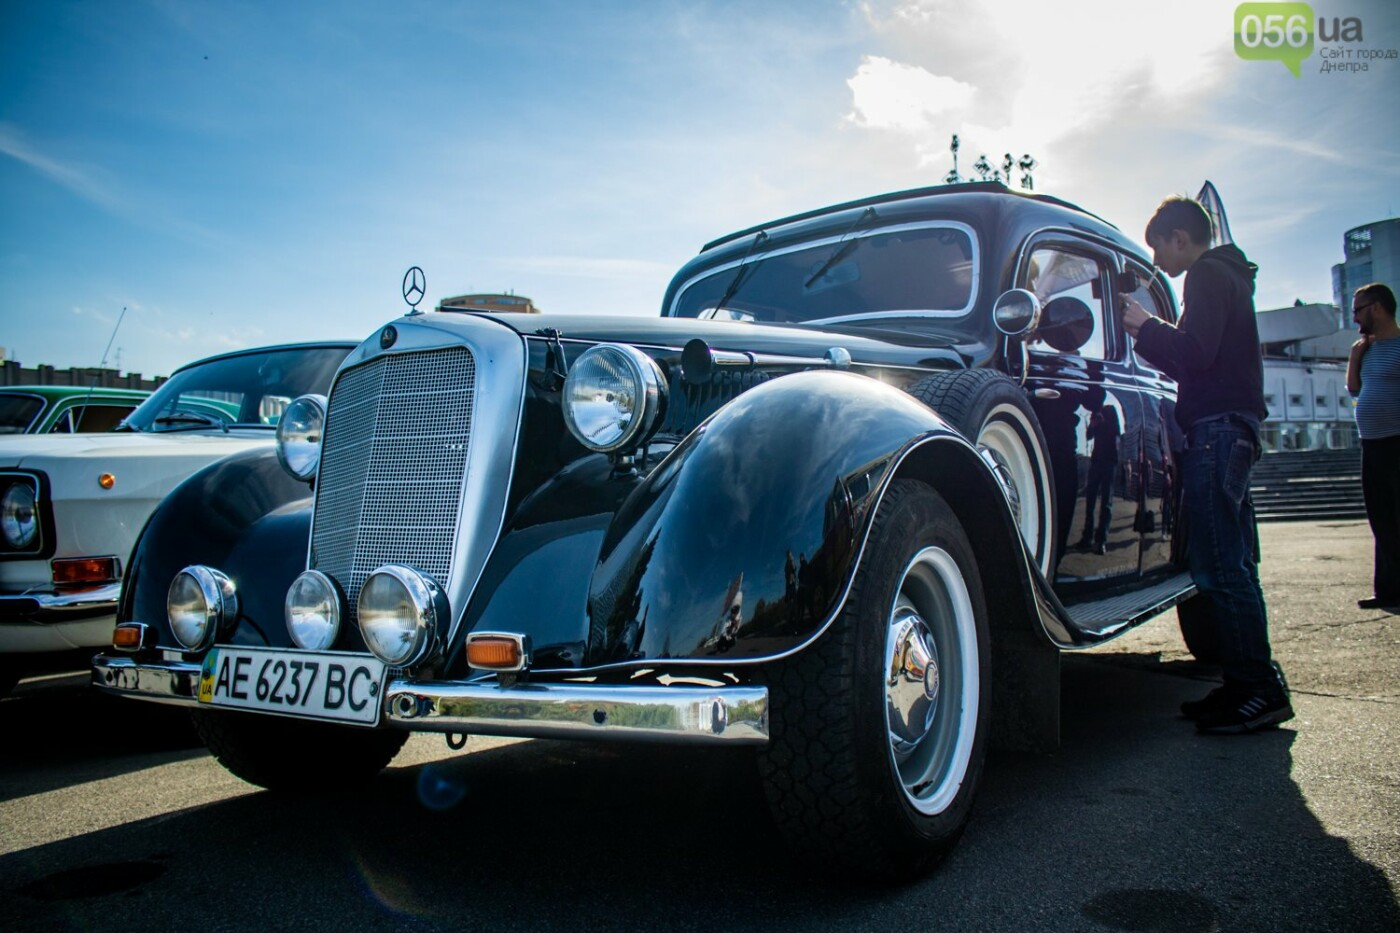 «Реставрация – это недешевое хобби»: как в Днепре проходит встреча владельцев ретро-автомобилей, - ФОТОРЕПОРТАЖ, фото-1